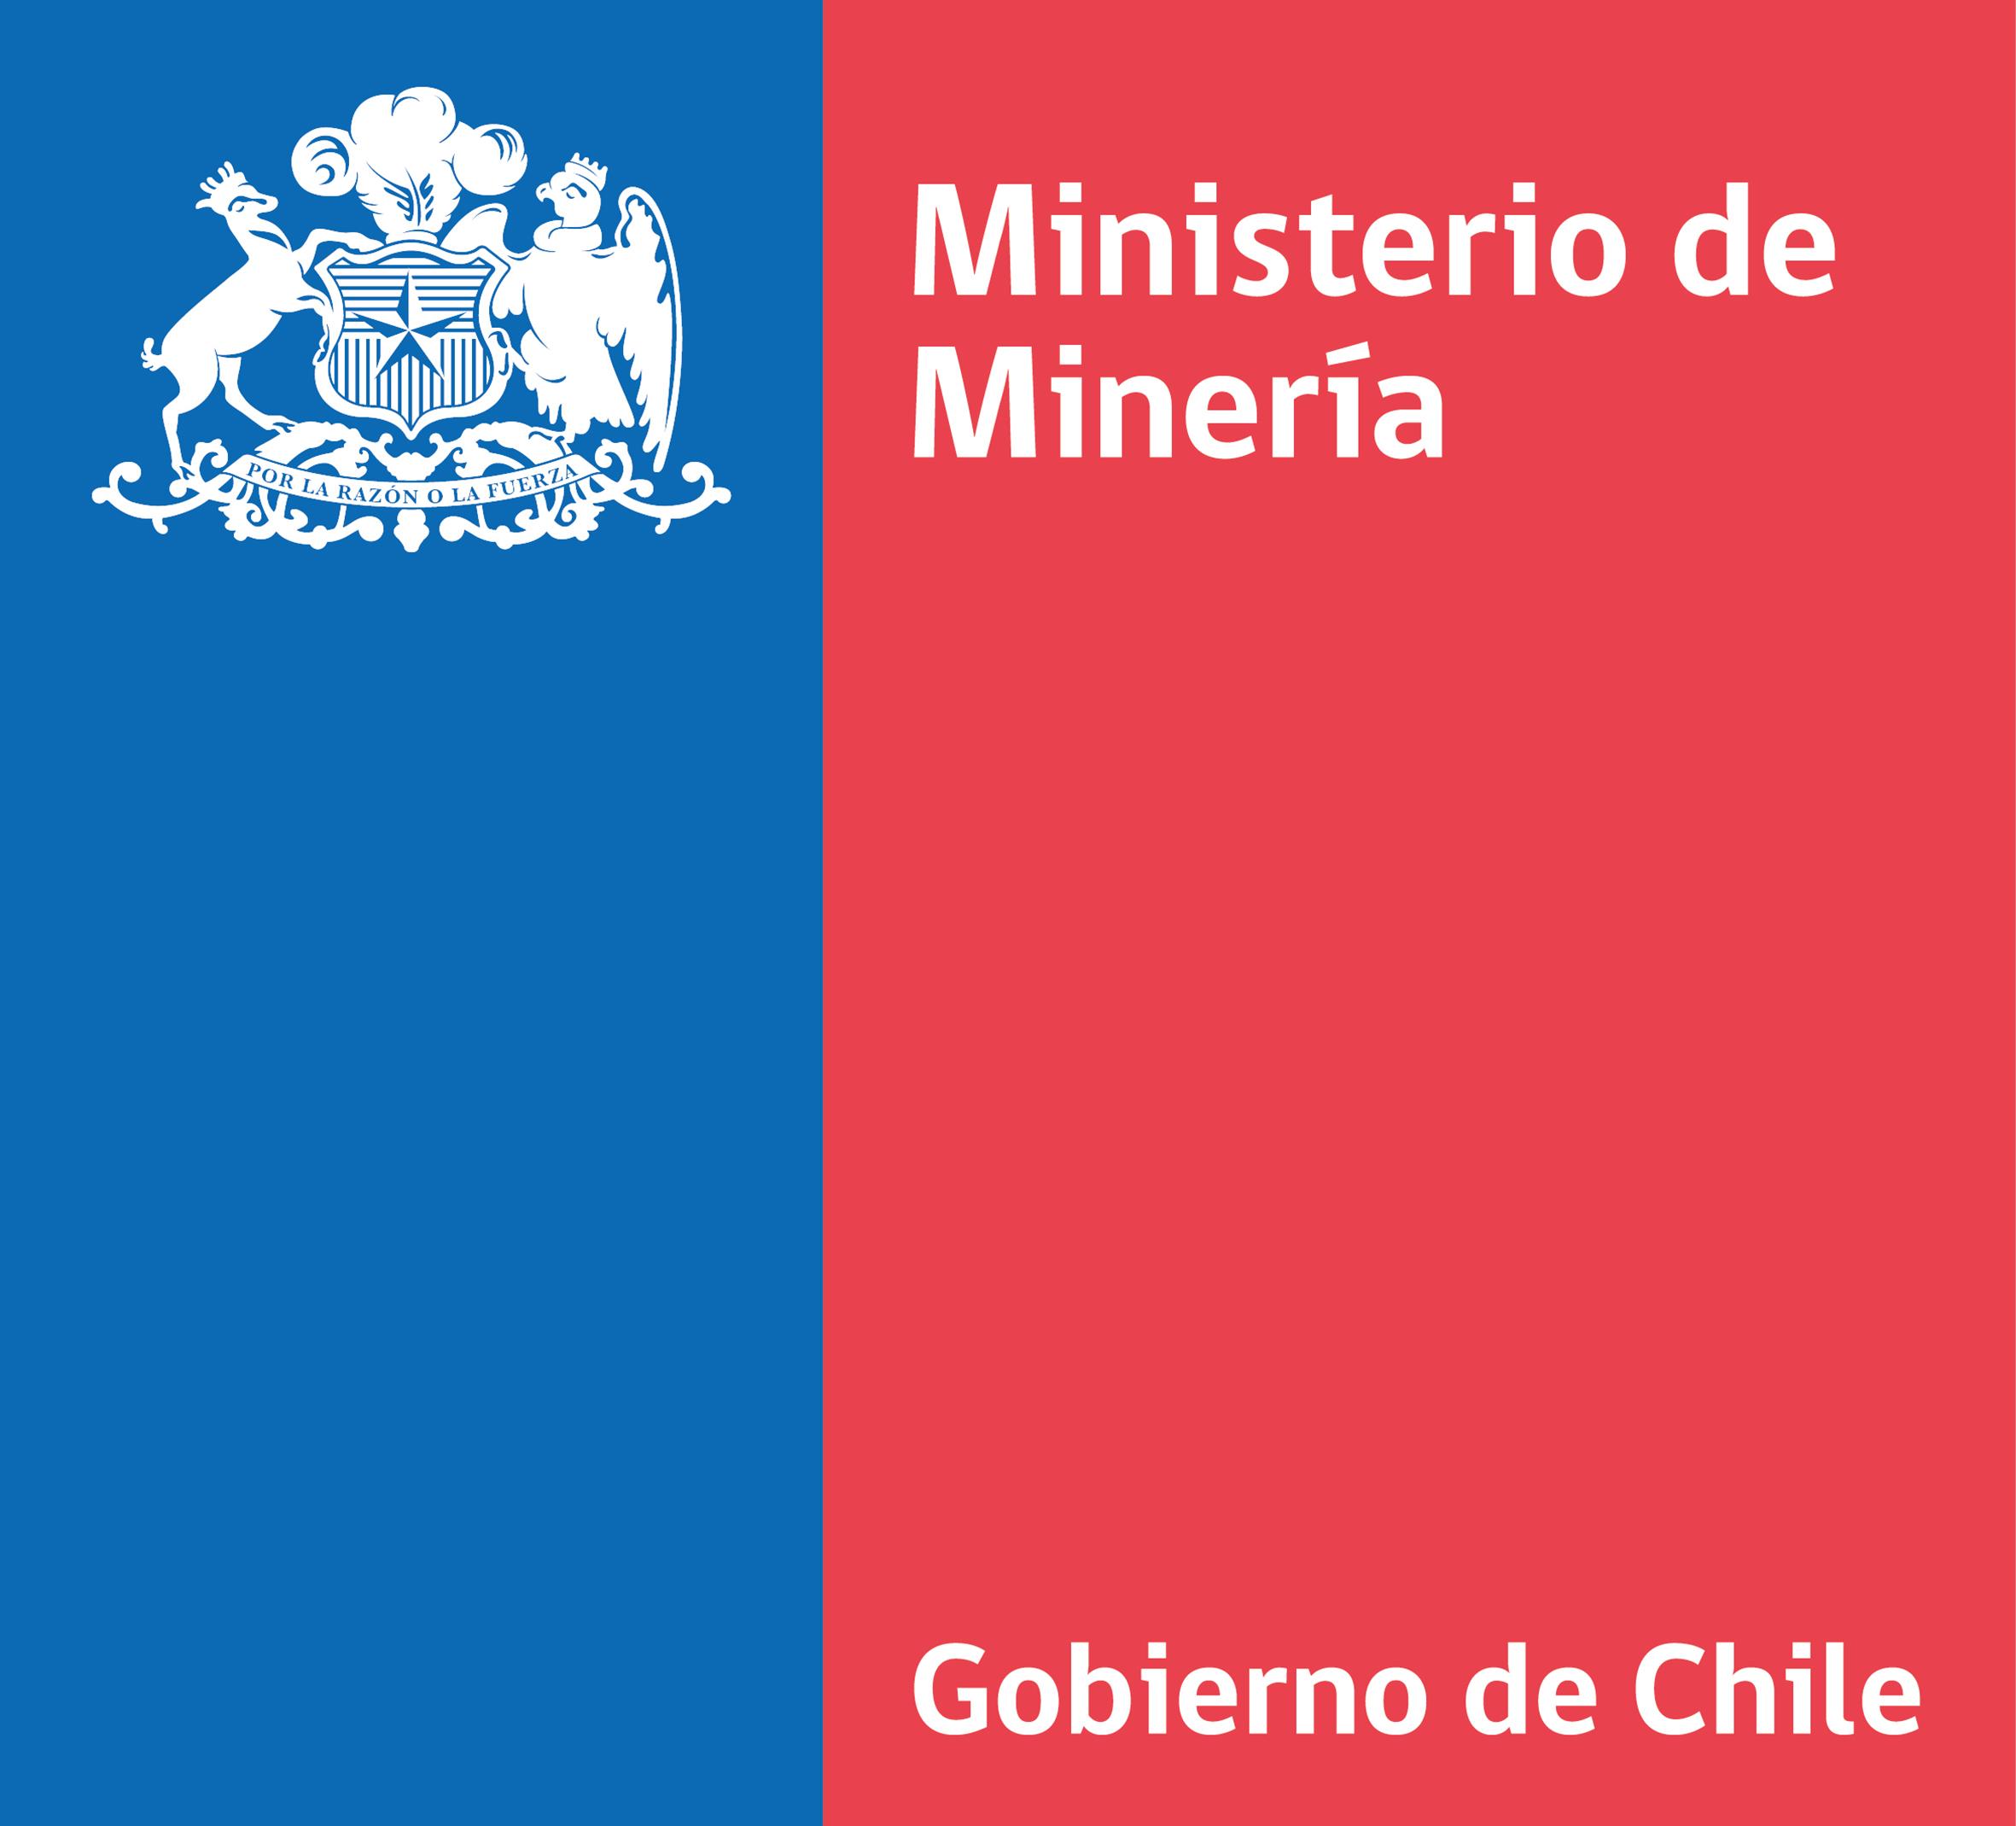 logo_ministerio_full.jpg